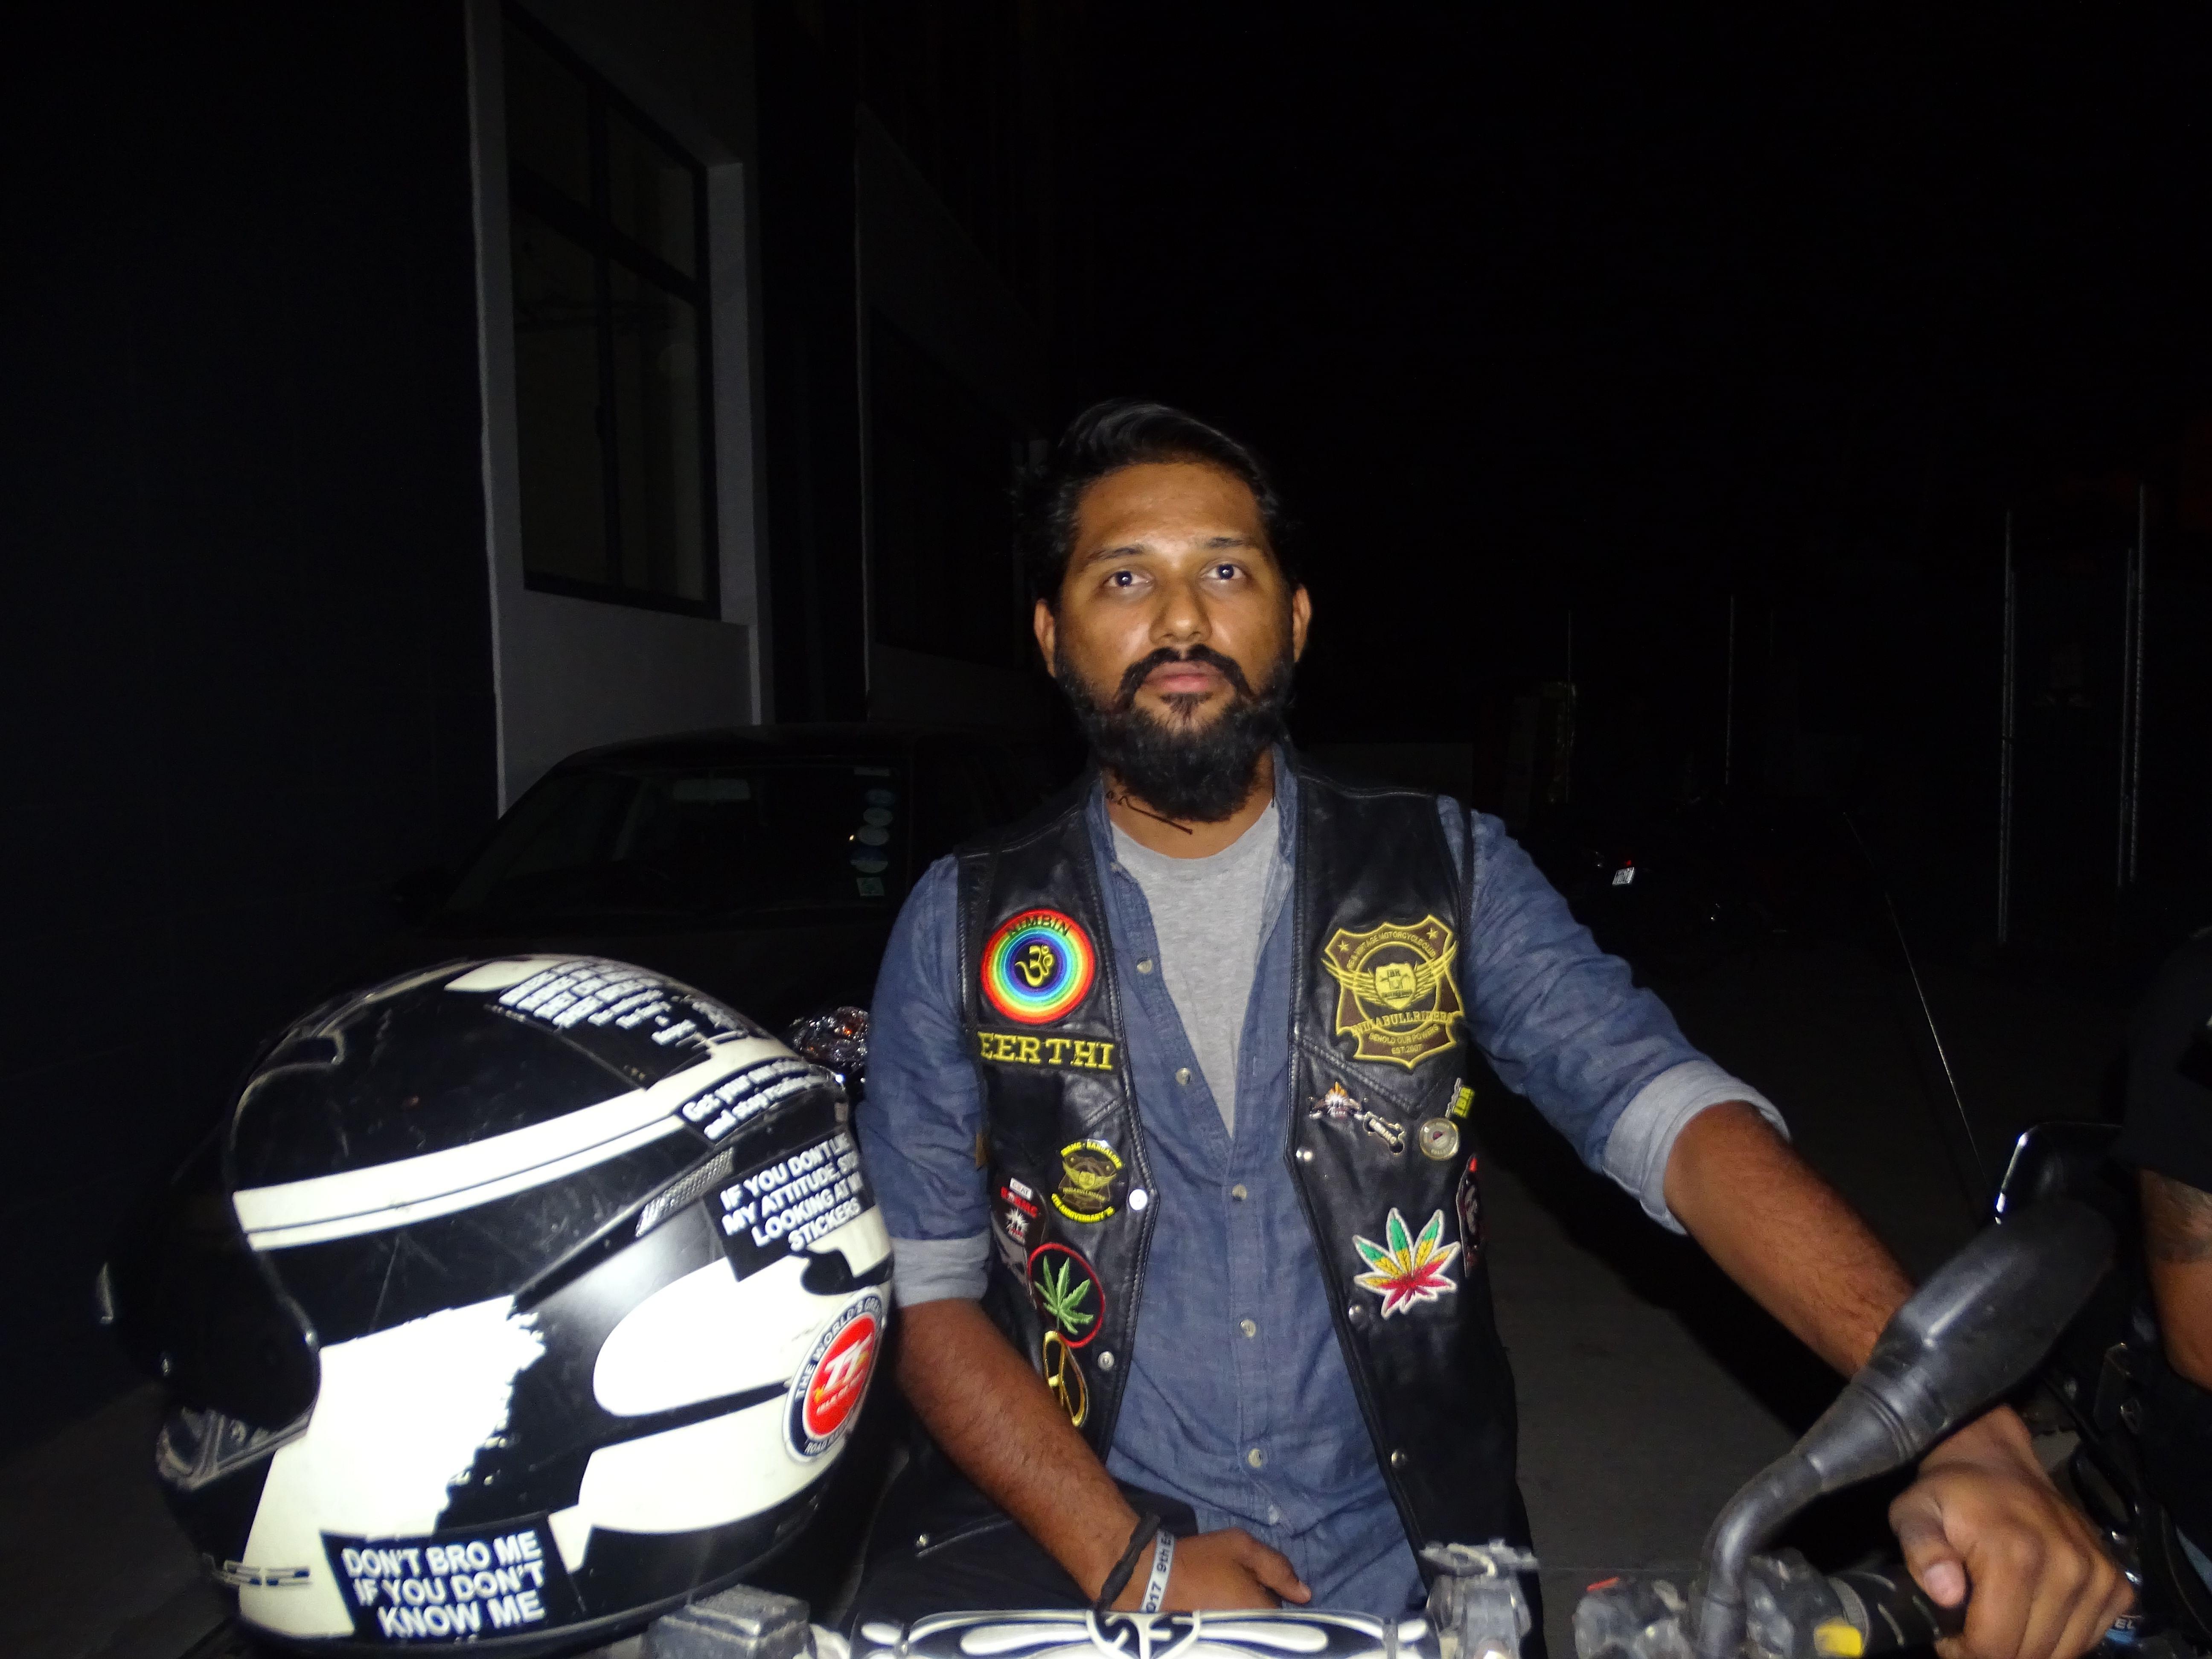 India Bull Riders - Bangalore member, Keerthi Sagar.